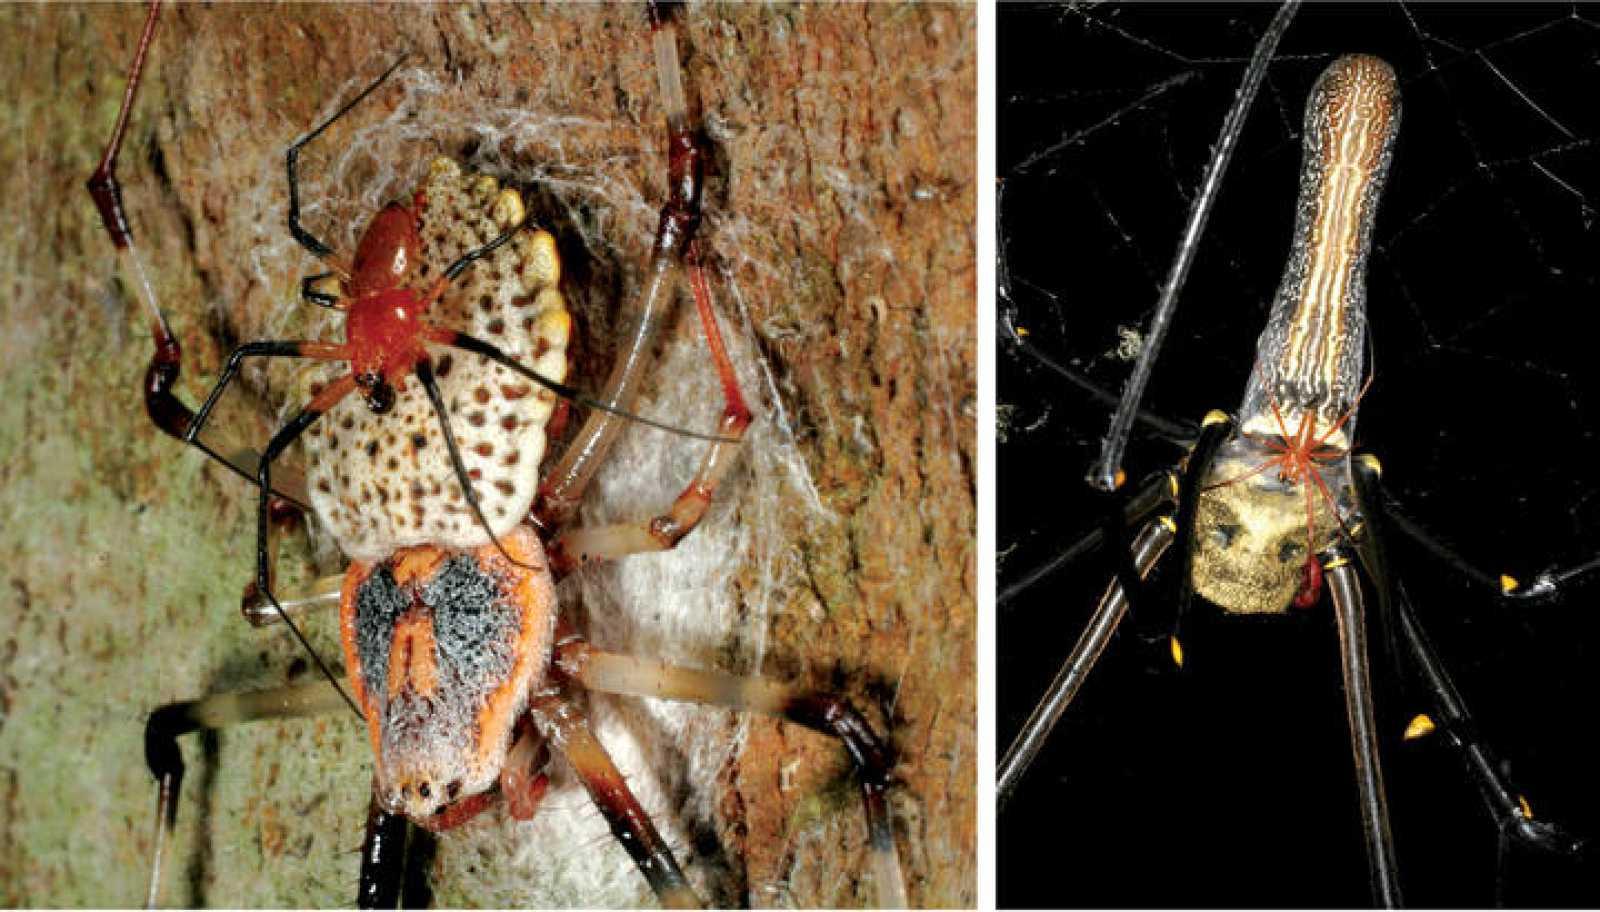 La nueva 'Nephila' habita en Madagascar y es la más grande de esta especie descubierta hasta ahora